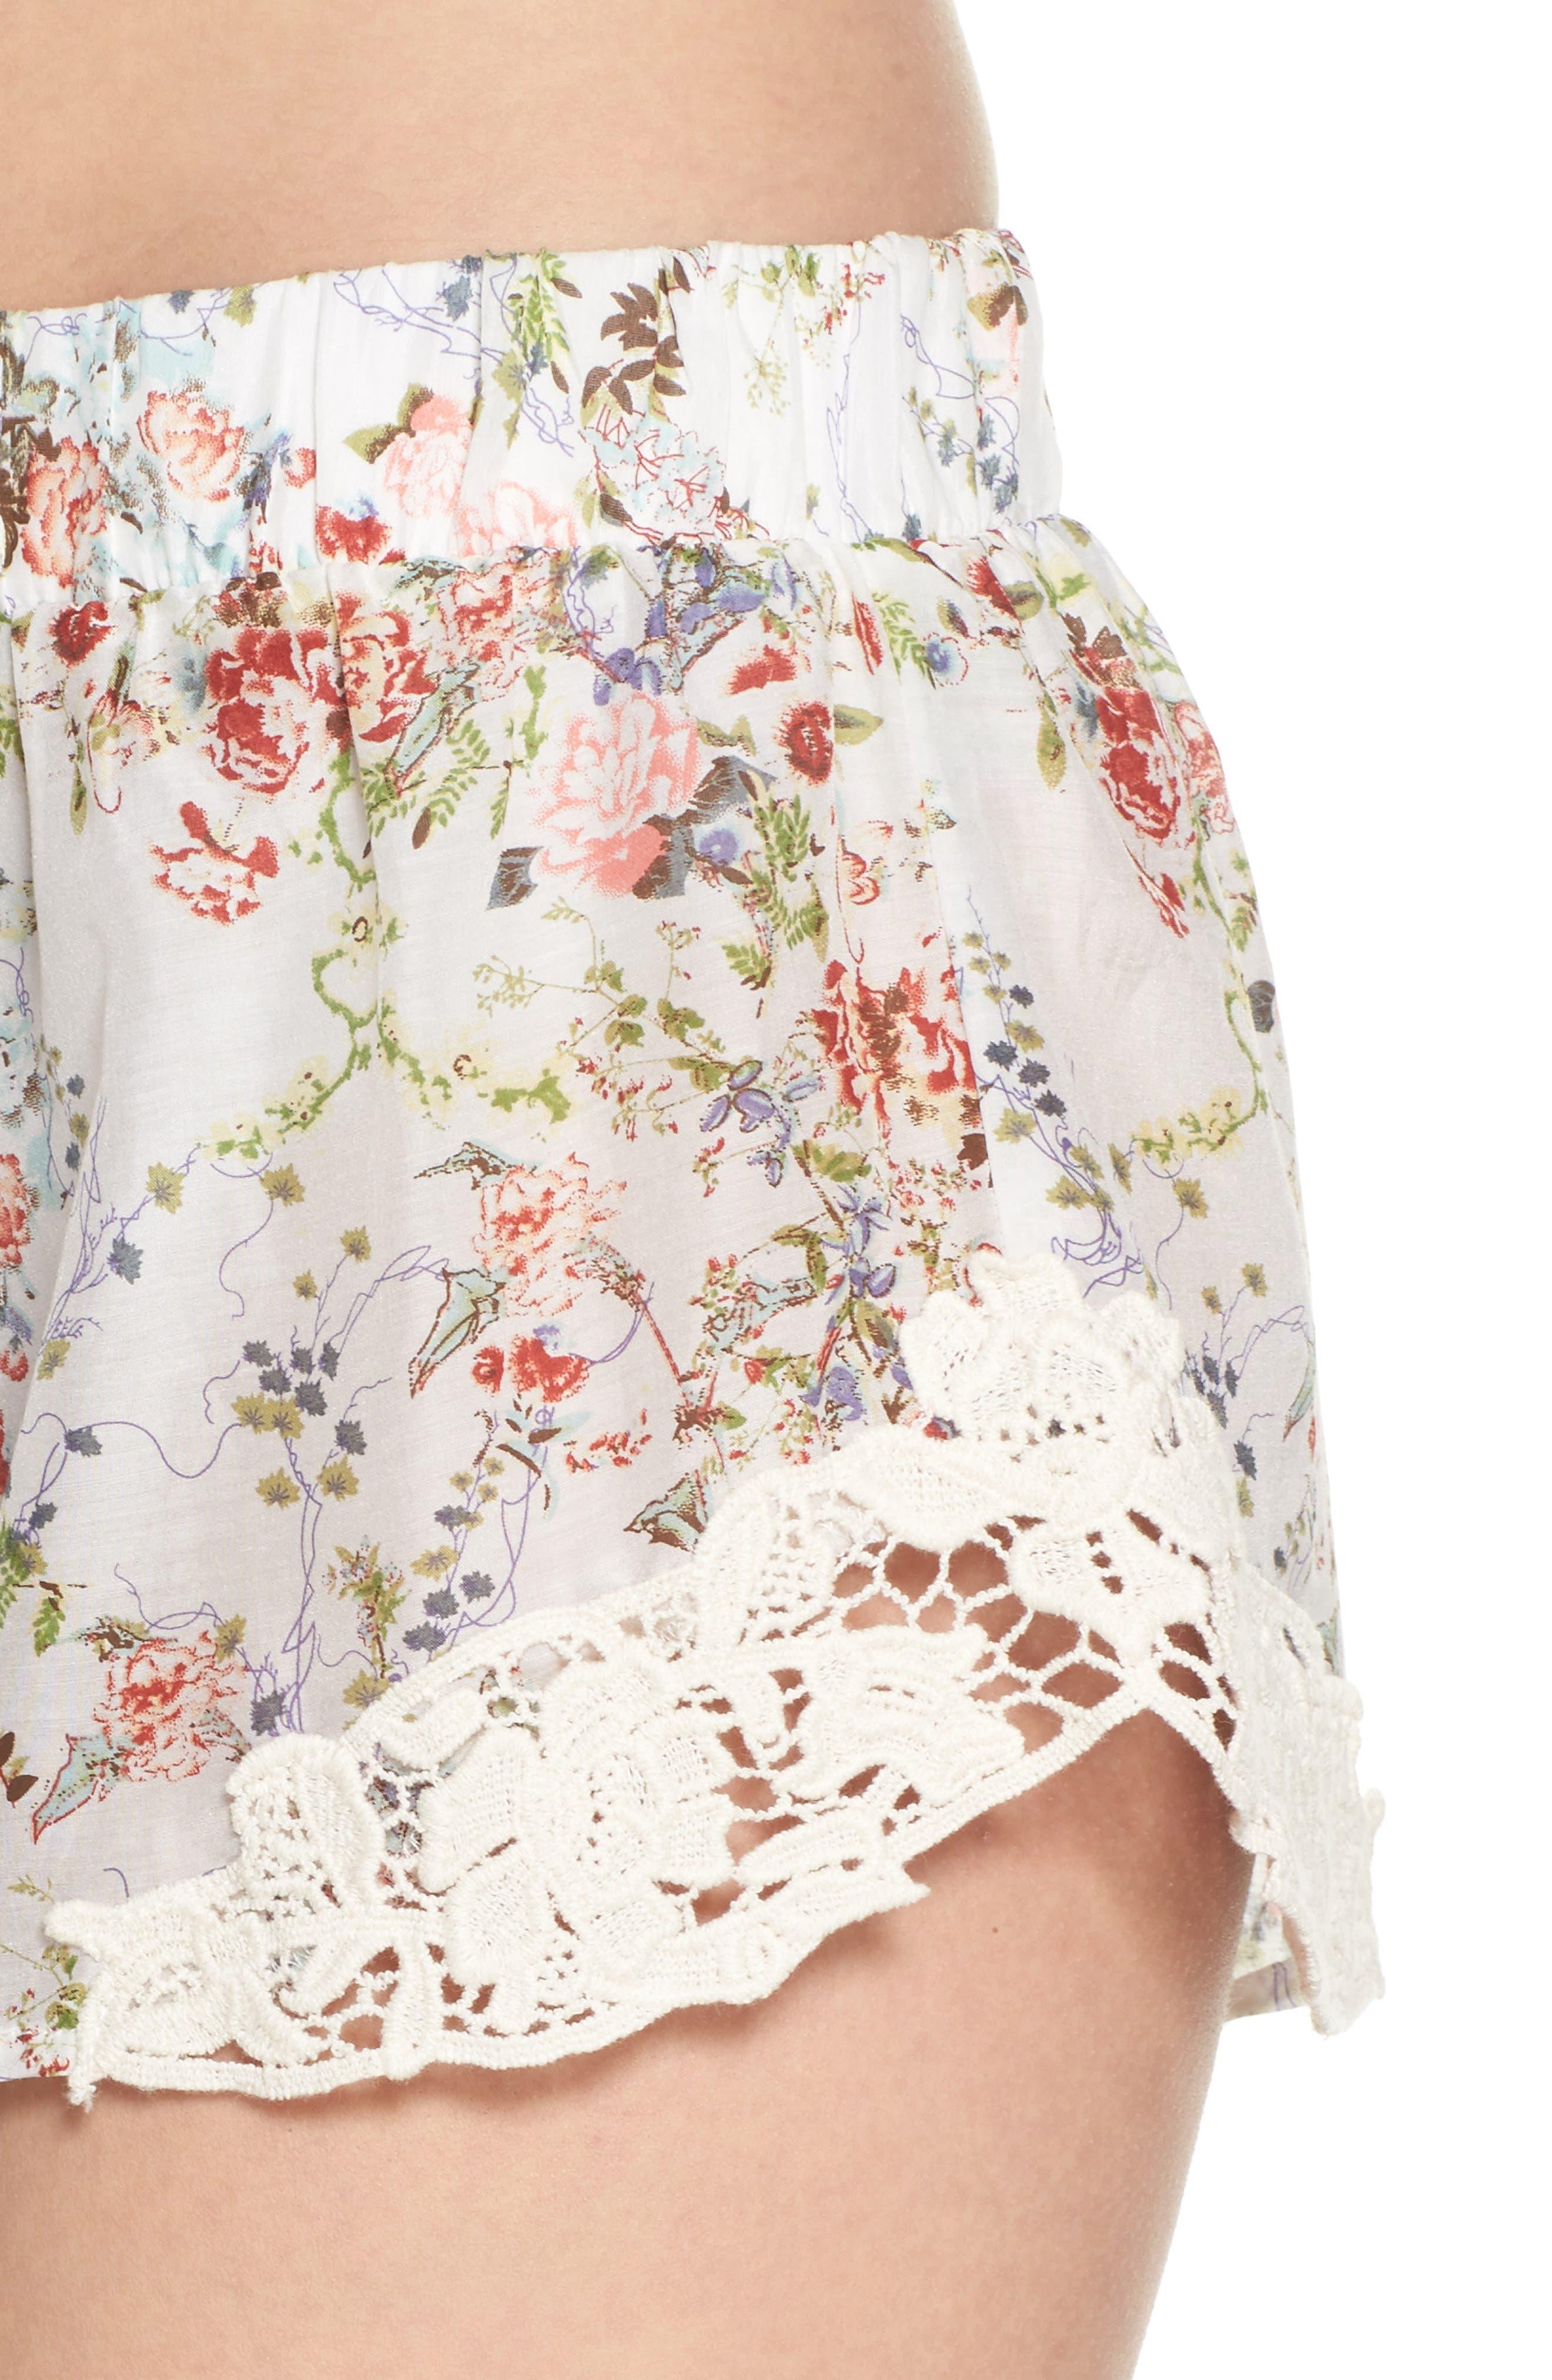 Yolly Floral Pajama Shorts,                             Alternate thumbnail 4, color,                             901